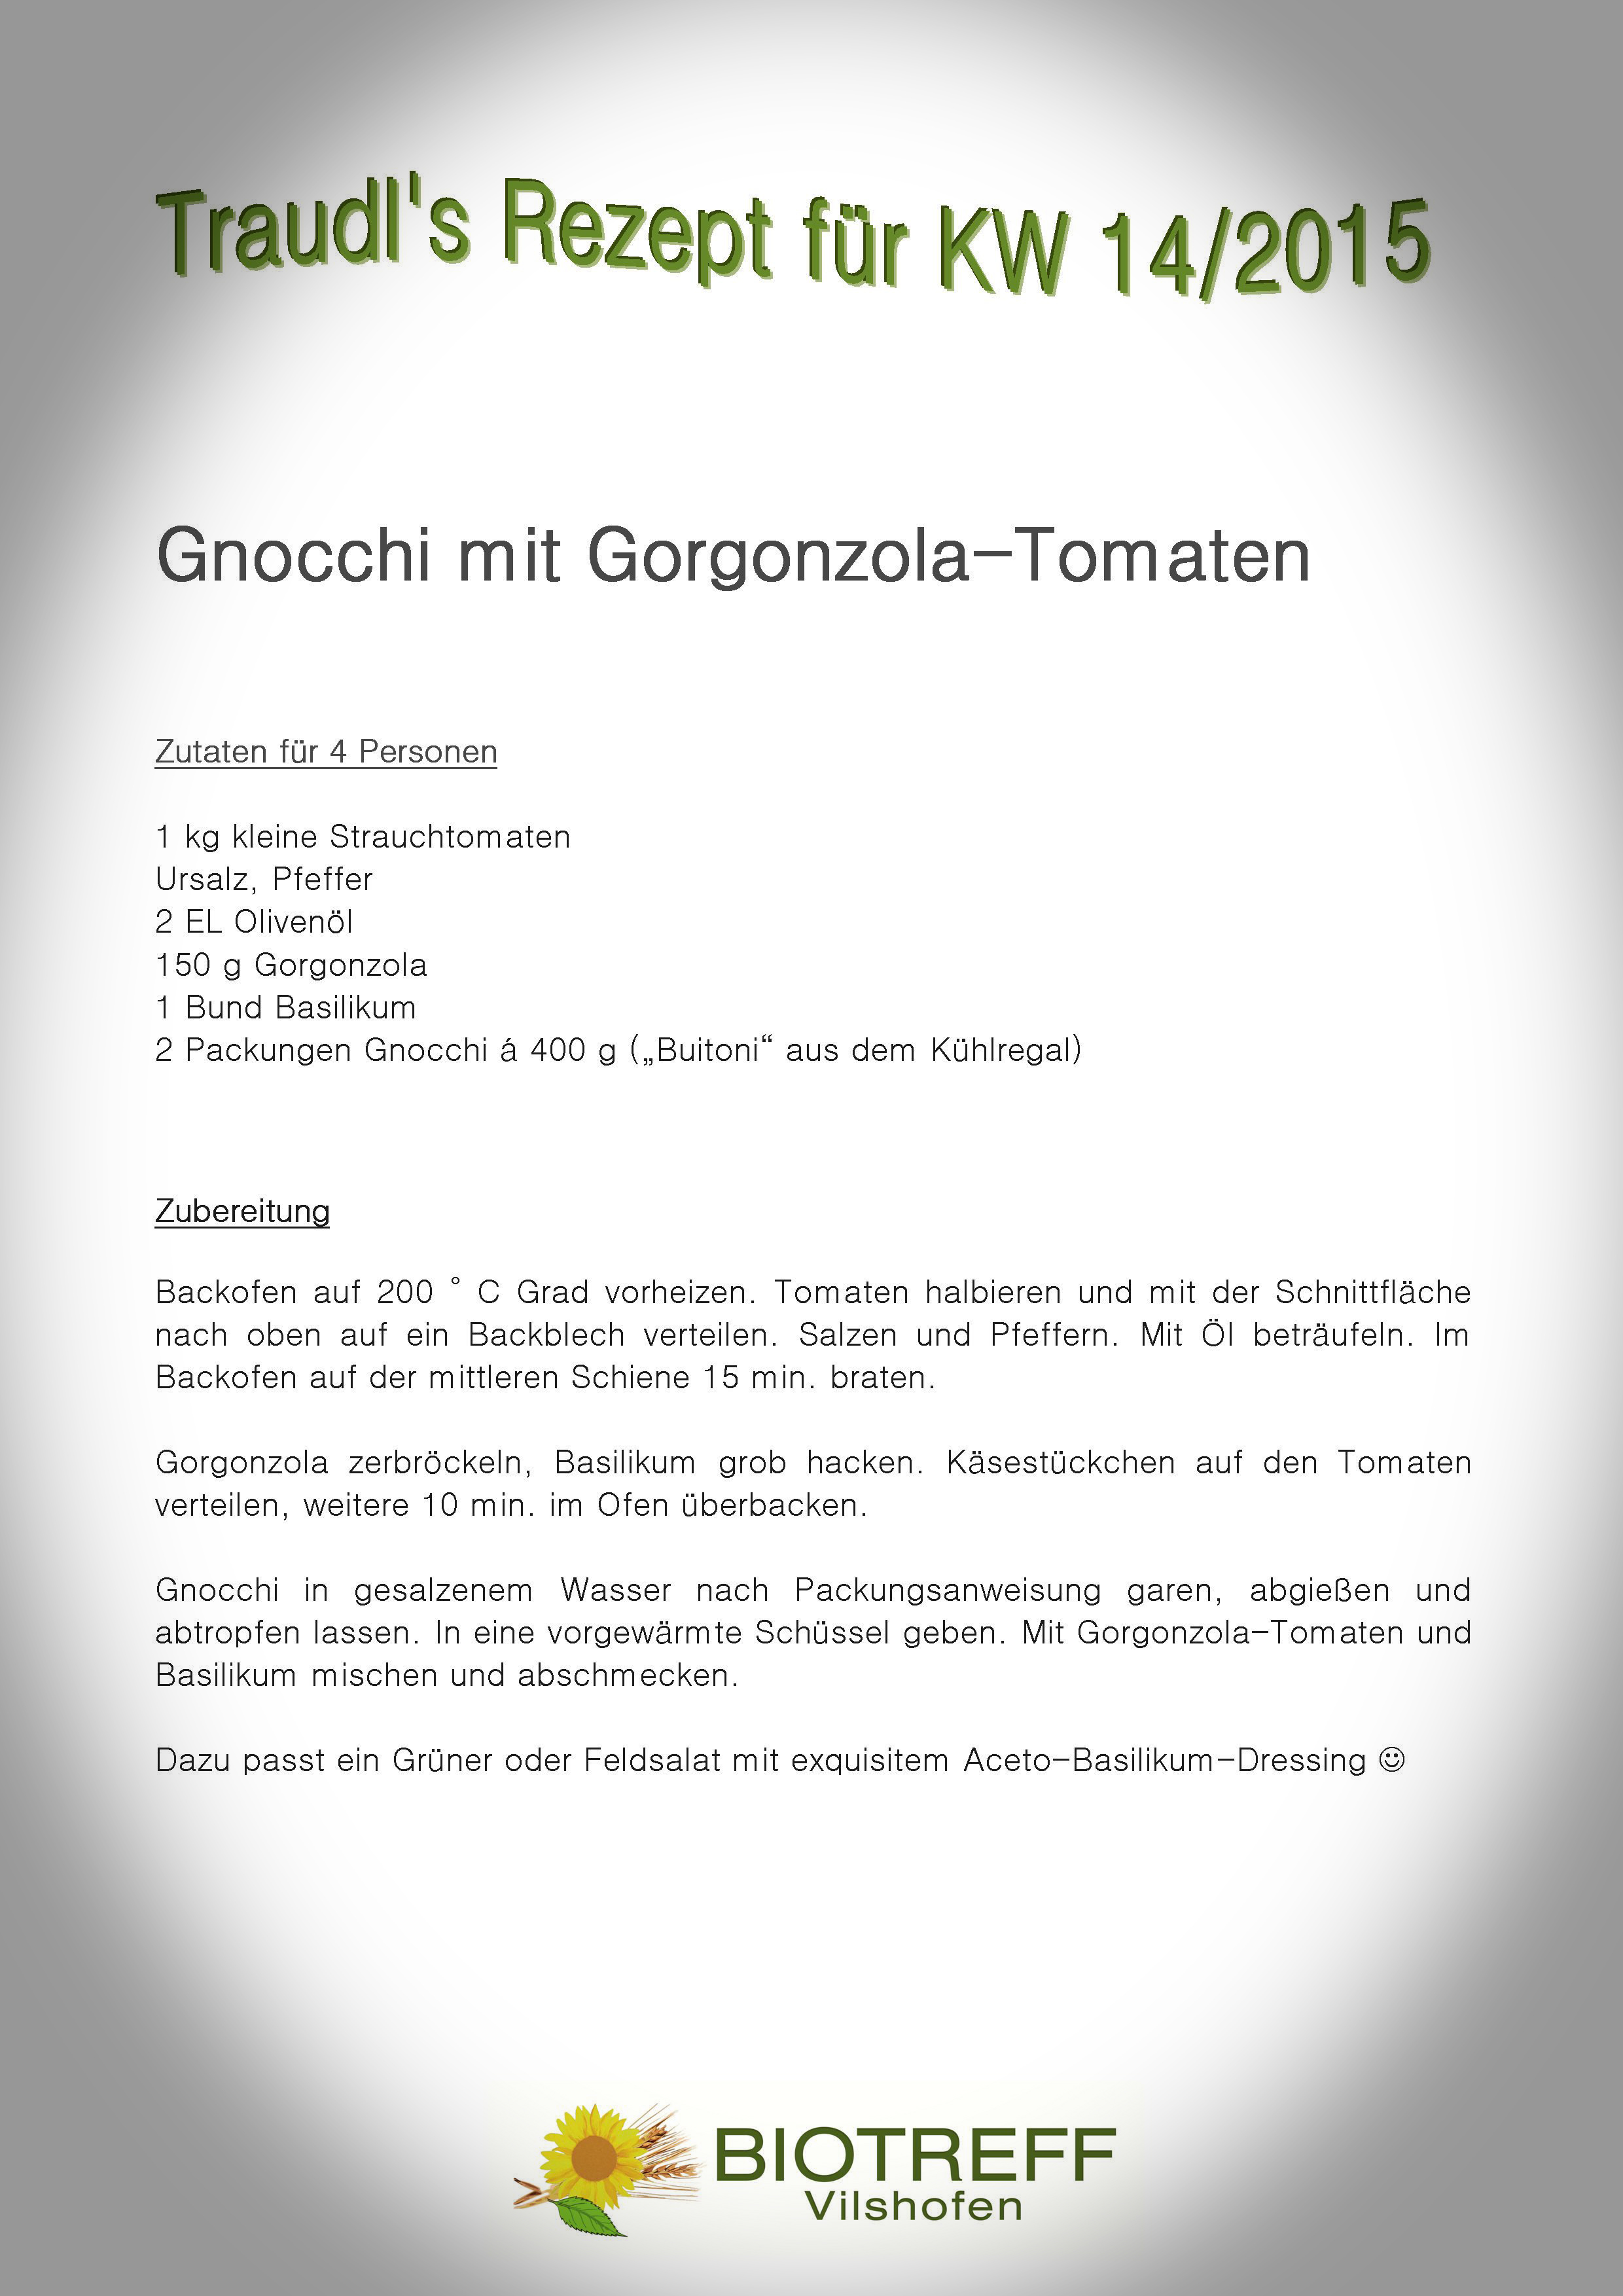 KW 14 Gnocchi mit Gorgonzola-Tomaten